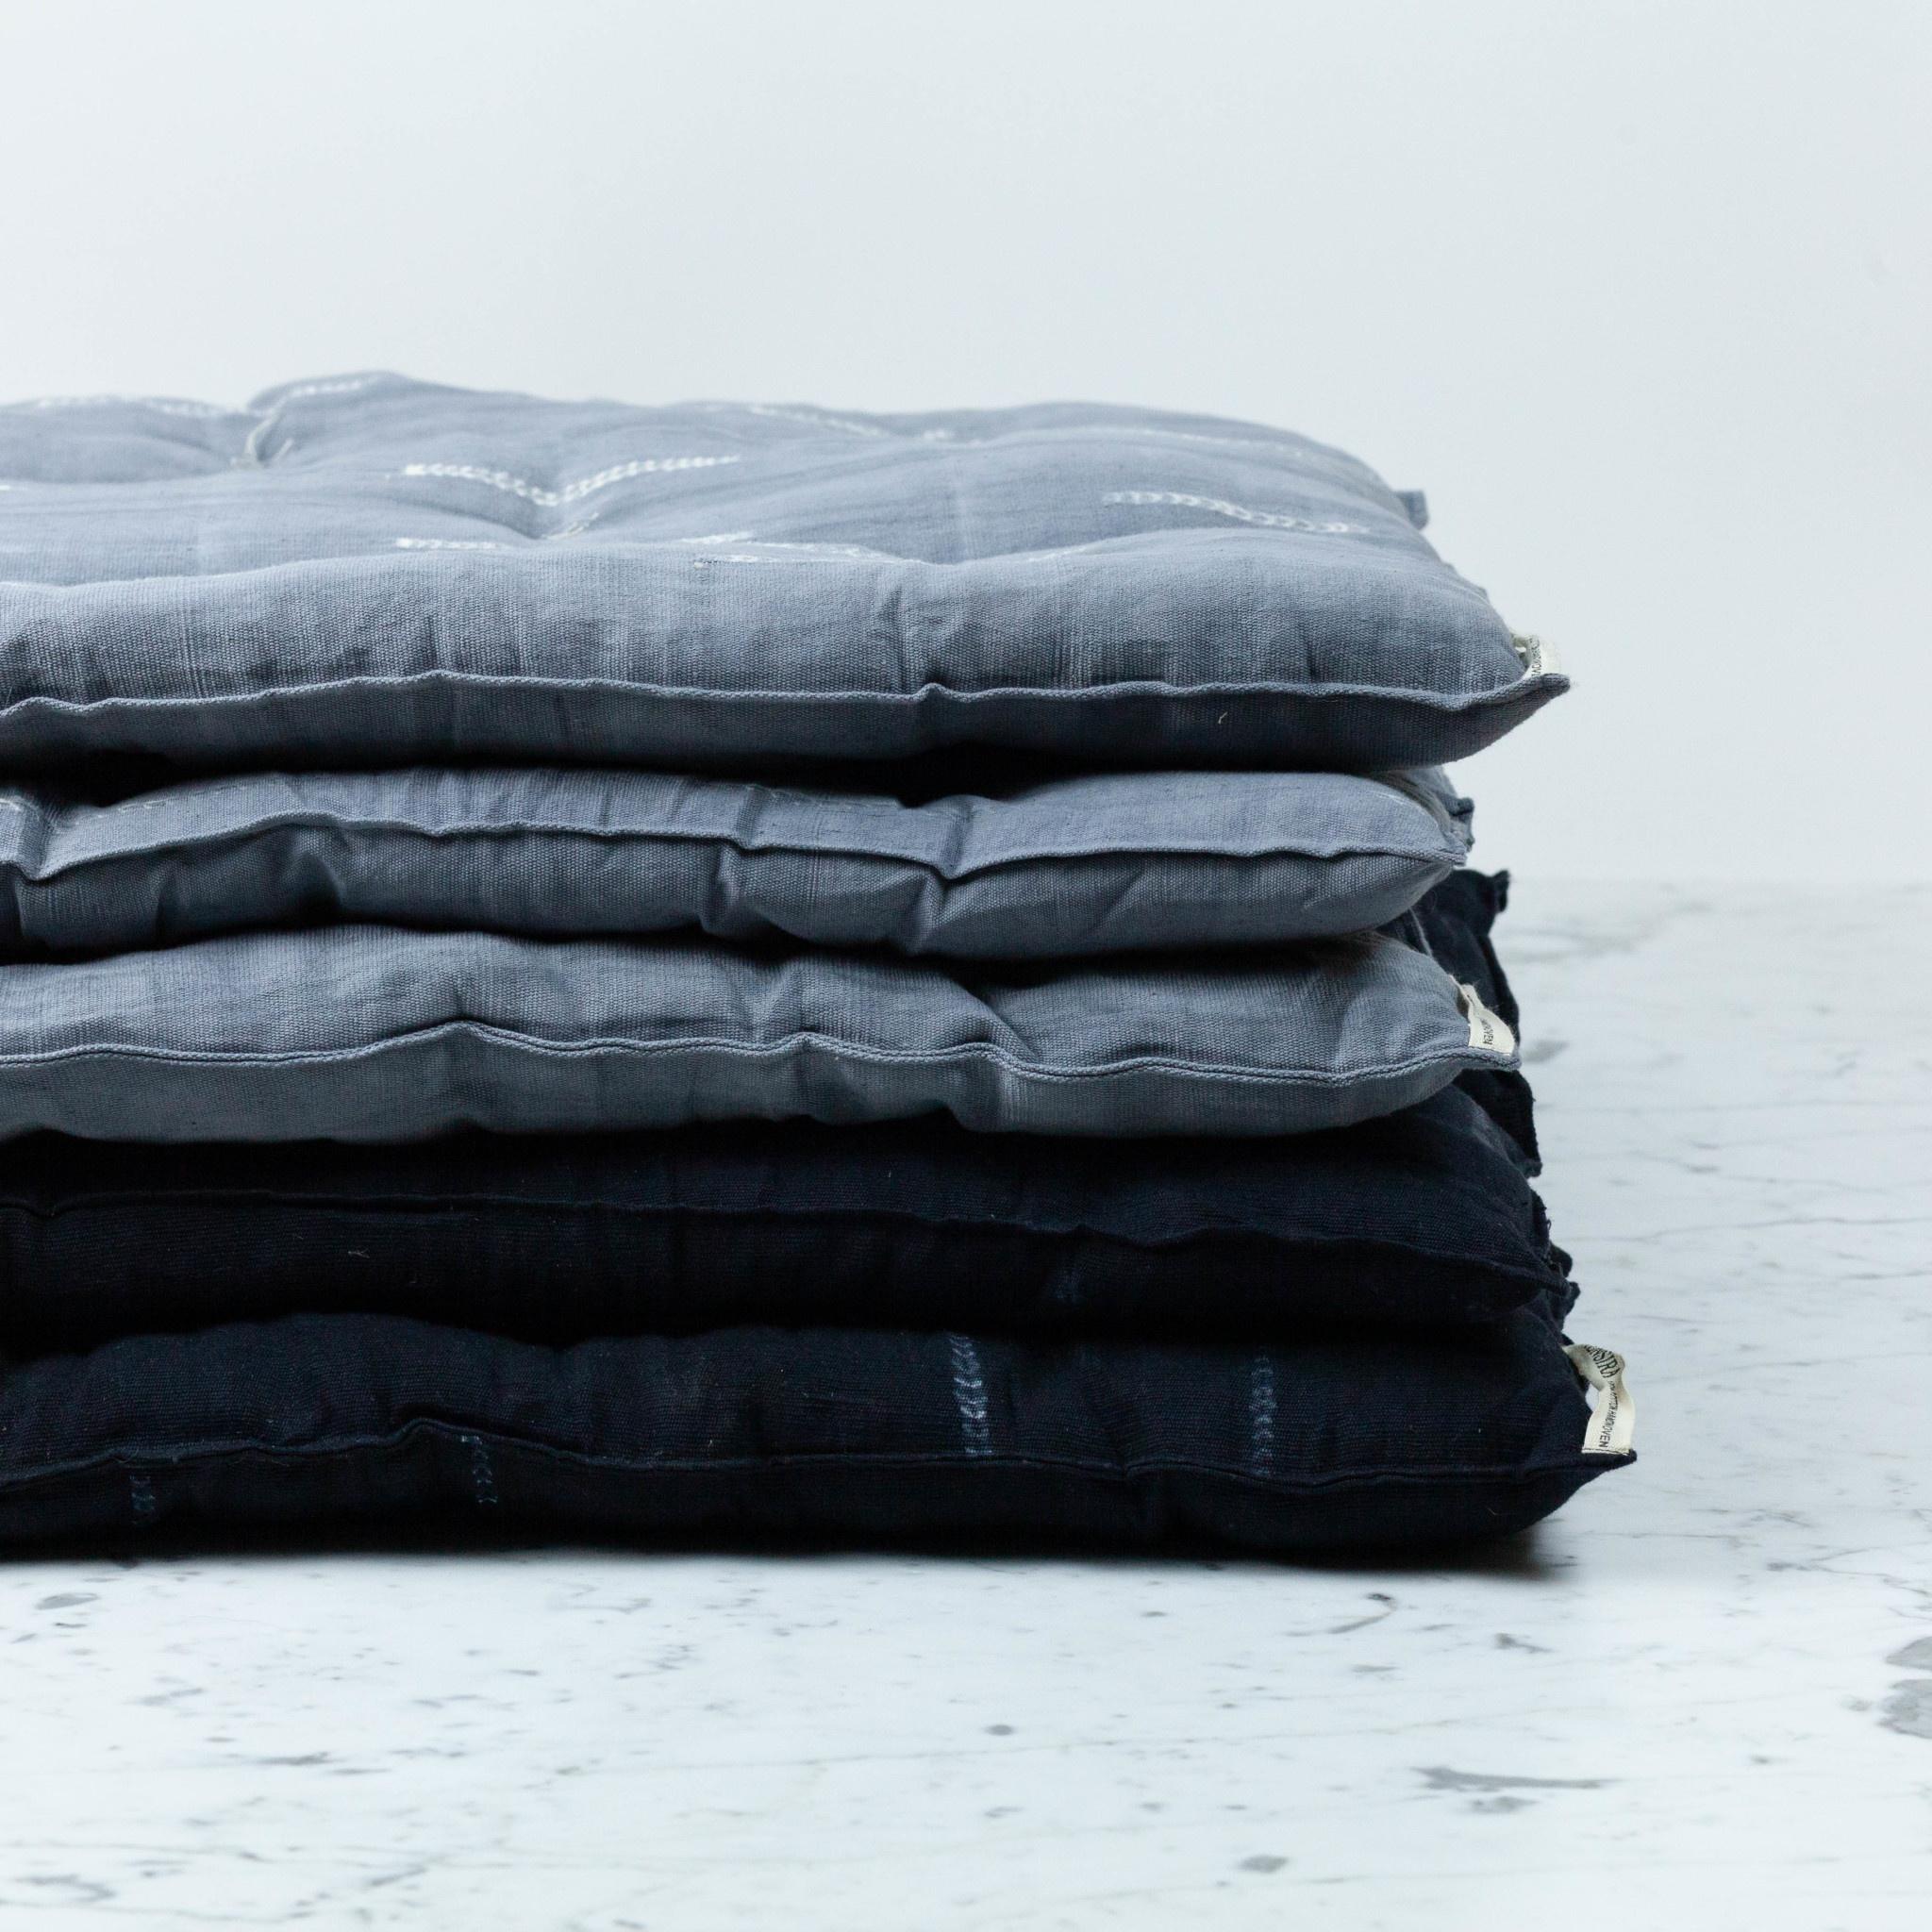 """TENSIRA 24 x 48"""" - Handwoven Cotton Slim Cushion - Kapok Filling - Black Delicate Stitch Dye Stripe"""